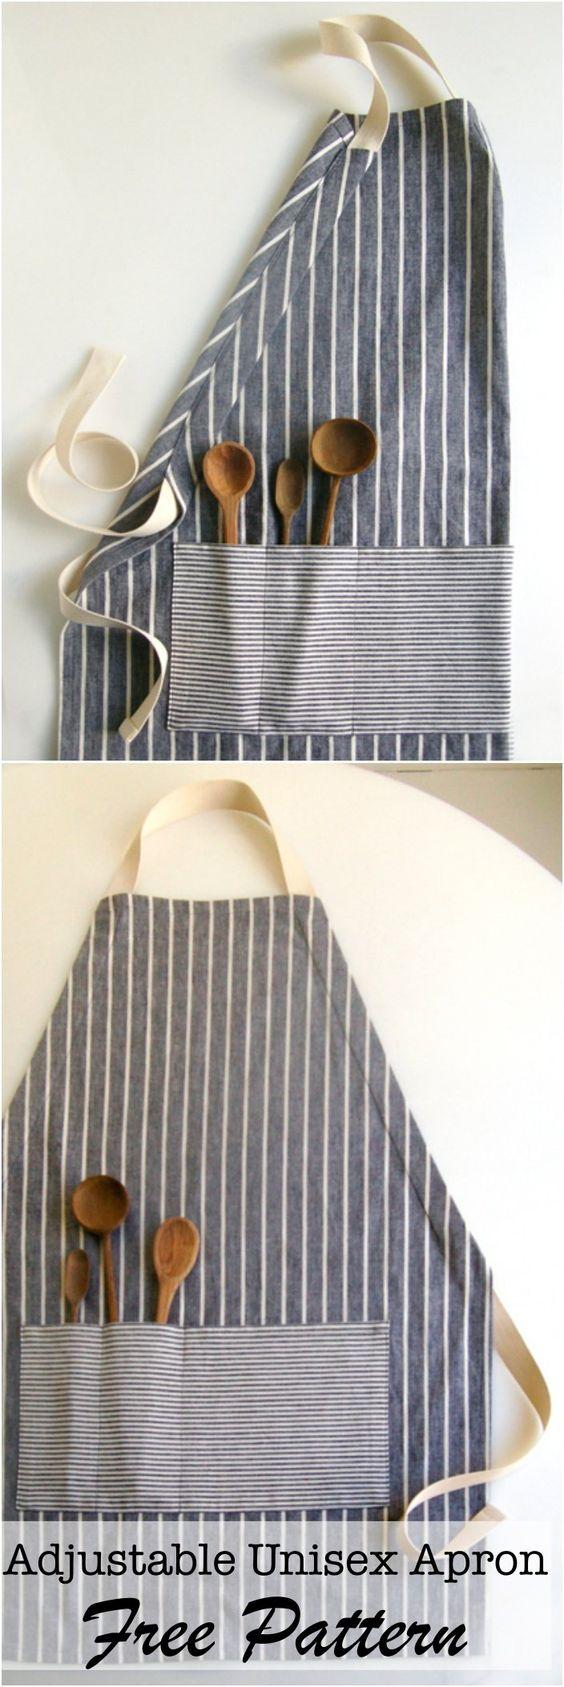 diy-adjustable-apron via